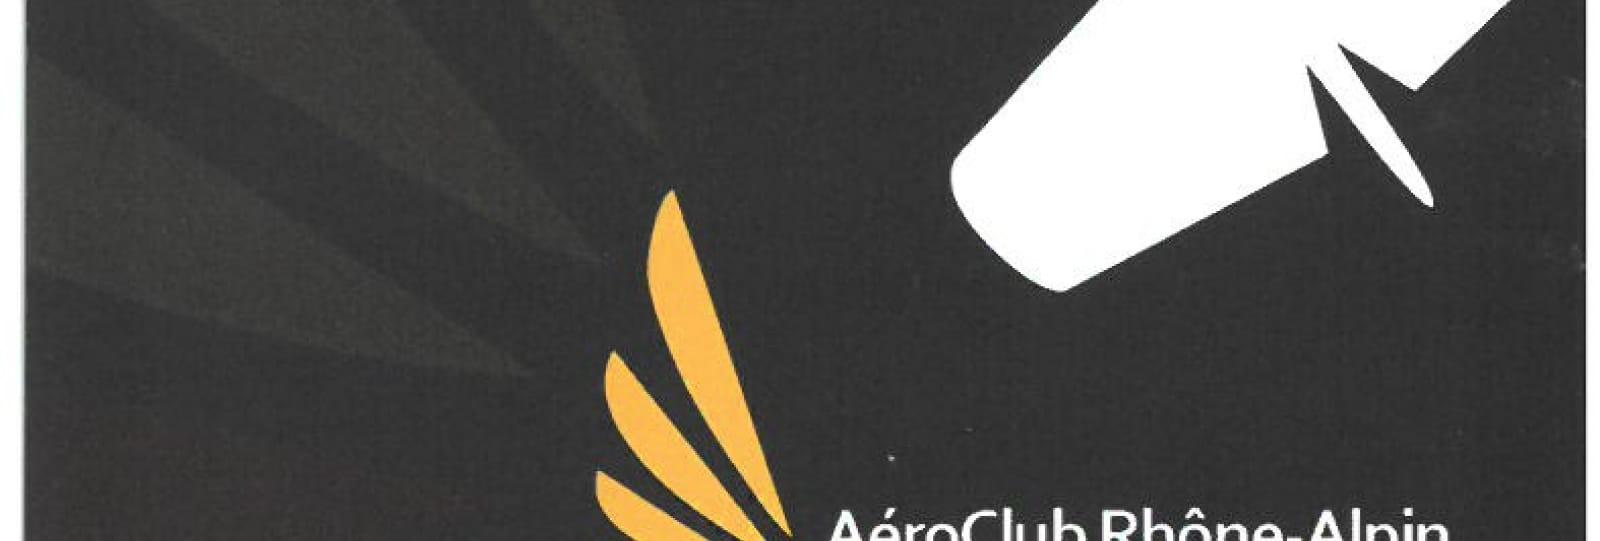 Aéroclub Rhône-Alpin - Ecole de pilotage Aéroclub